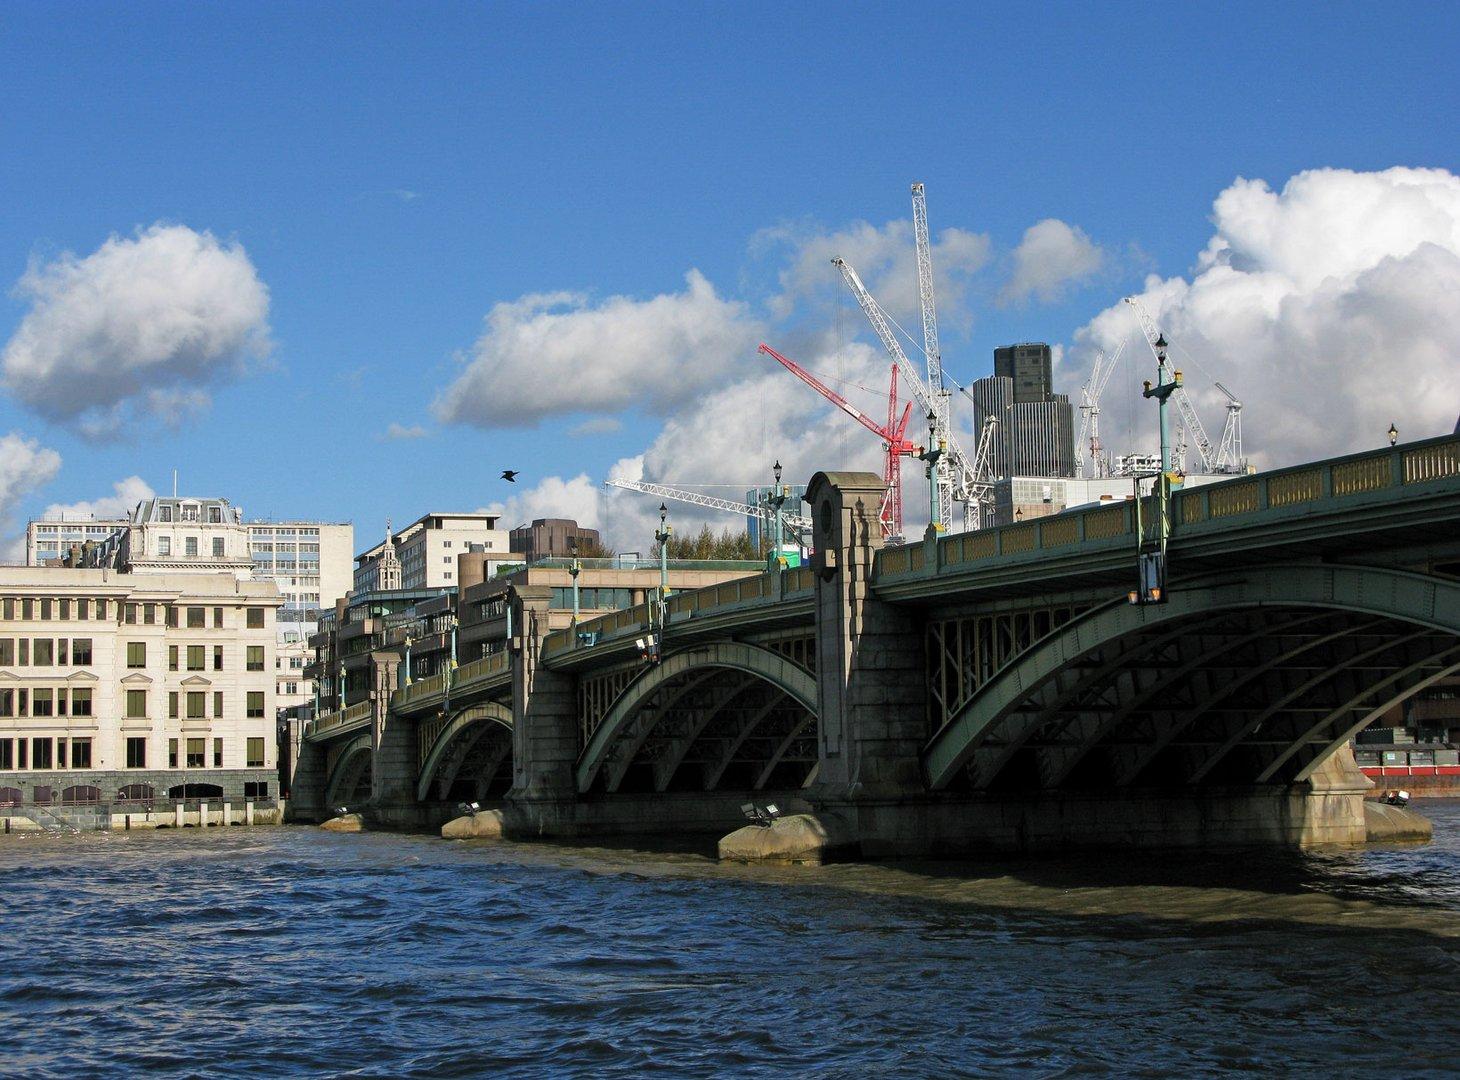 Dieselbe Brücke - ein anderer Standpunkt